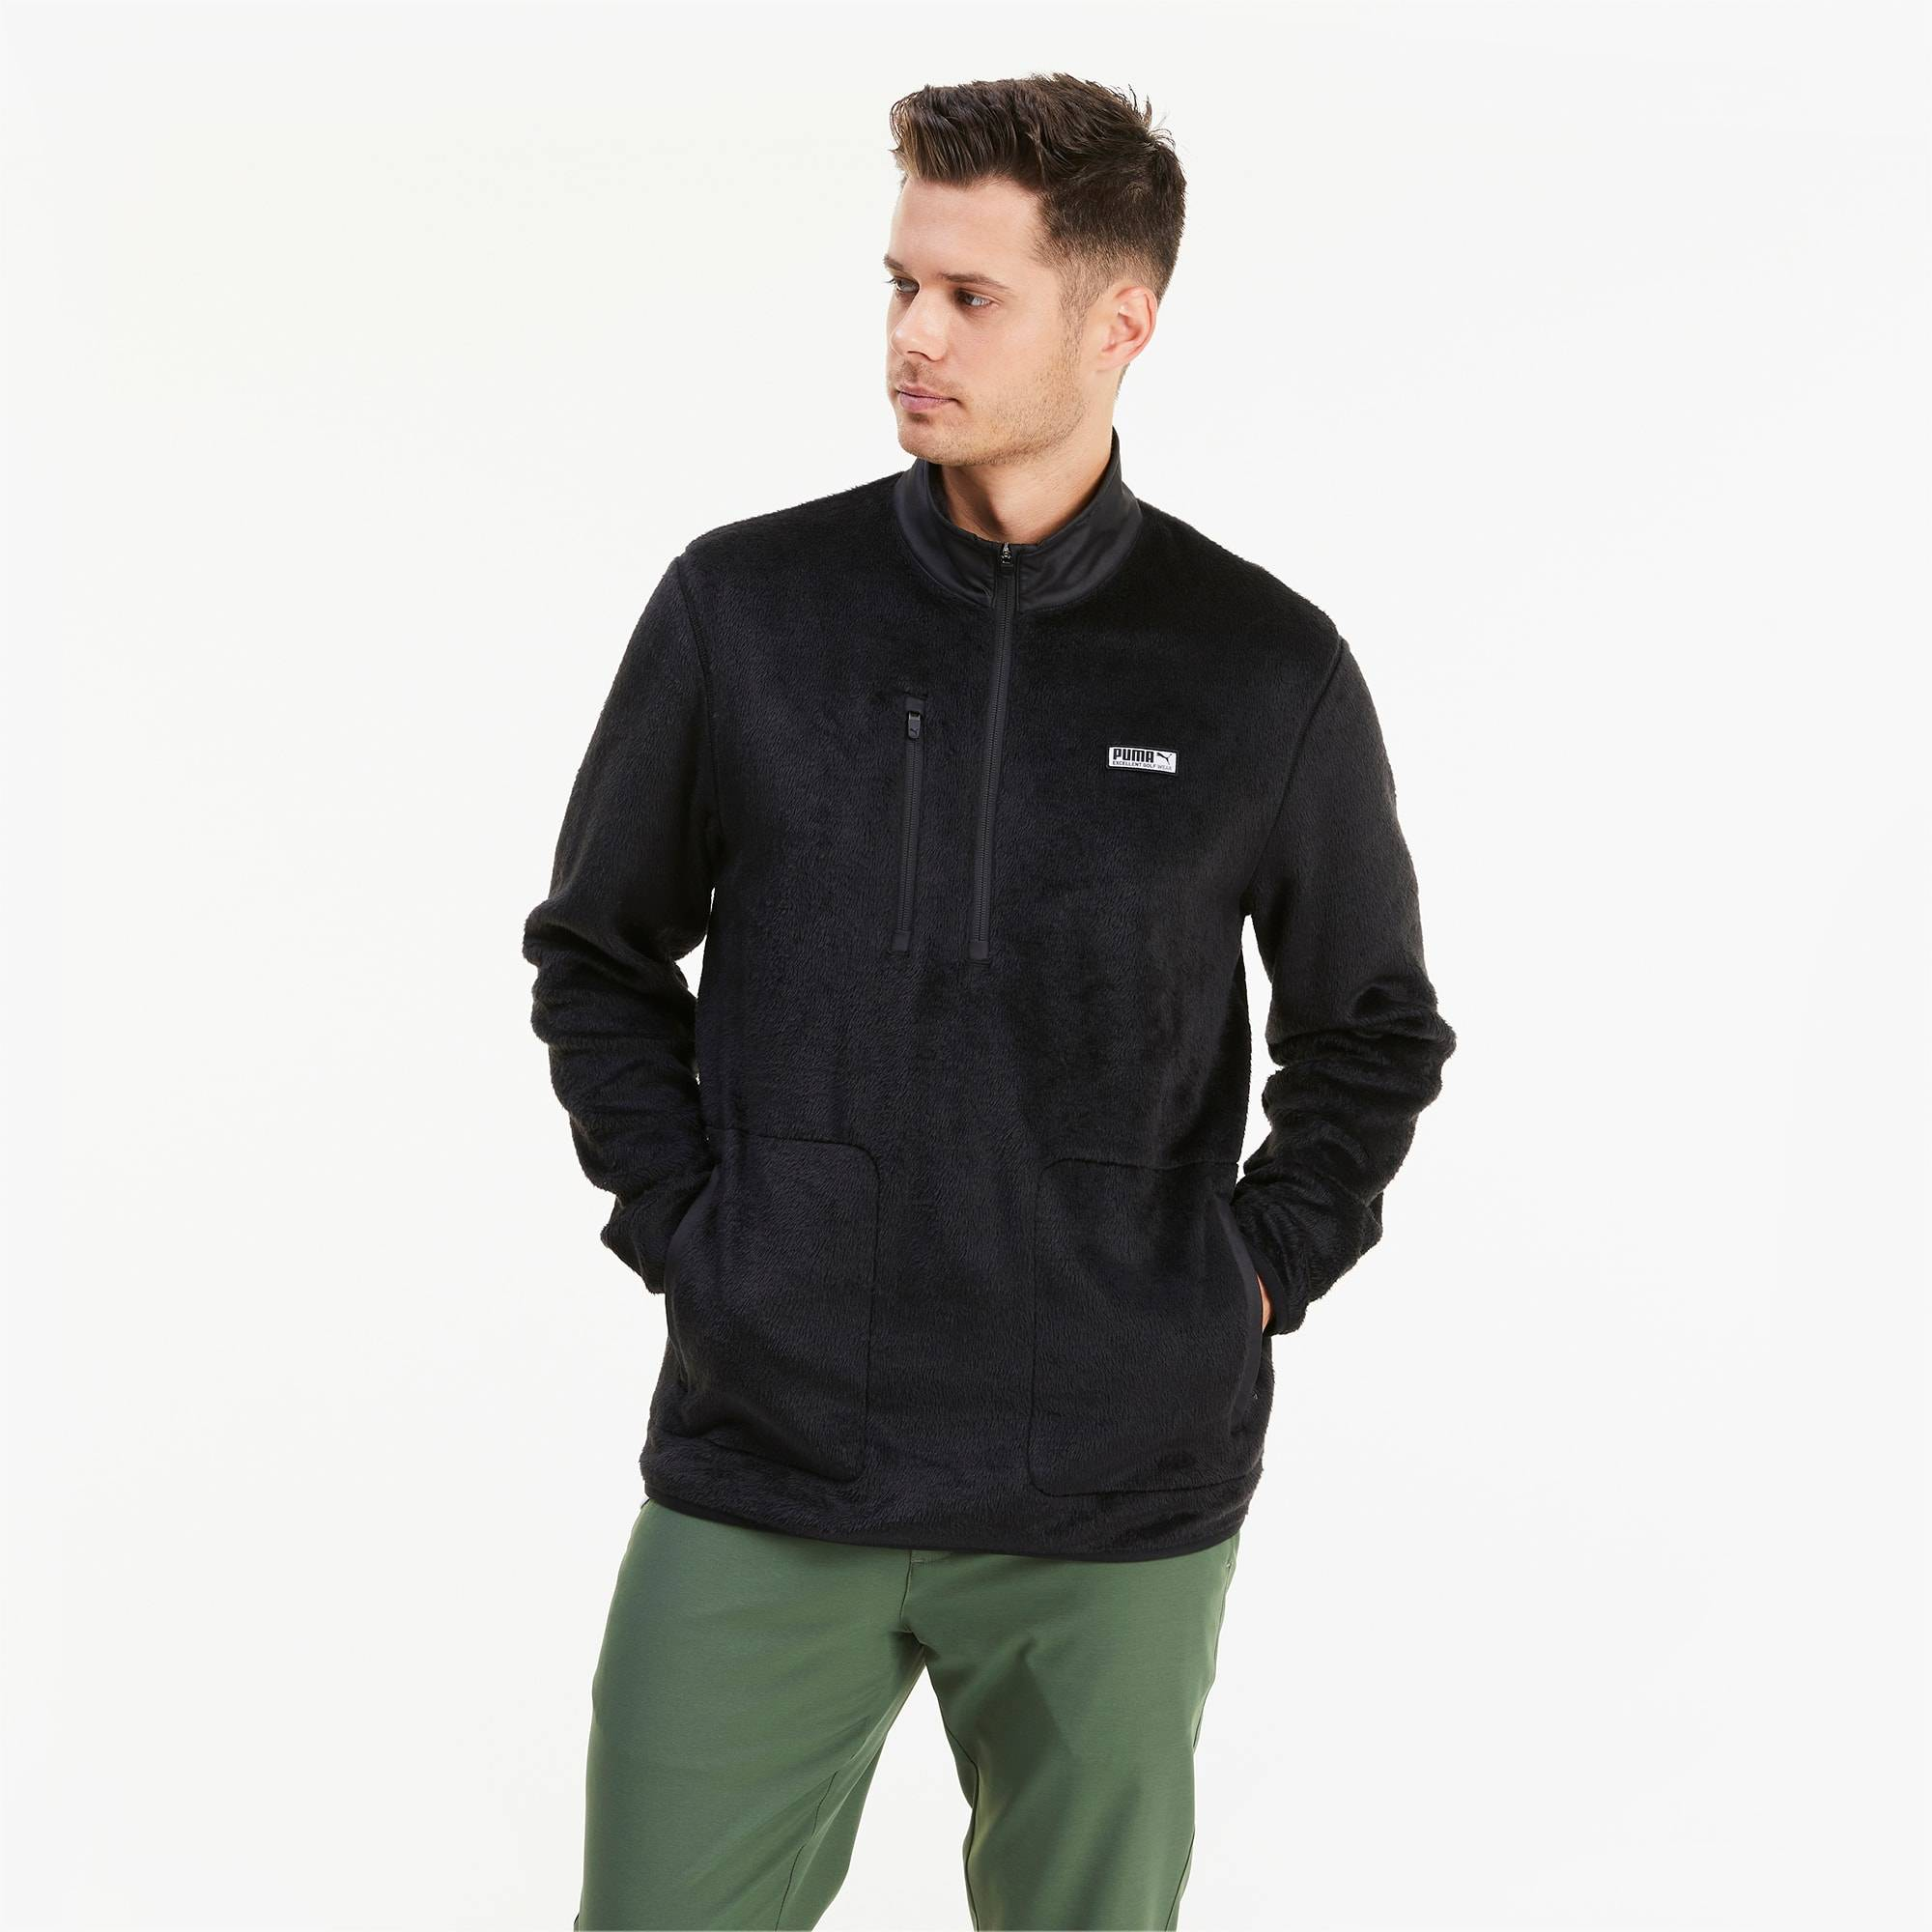 PUMA Blouson en polaire Sherpa 1/4 Zip pour Homme, Noir, Taille 3XL, Vêtements